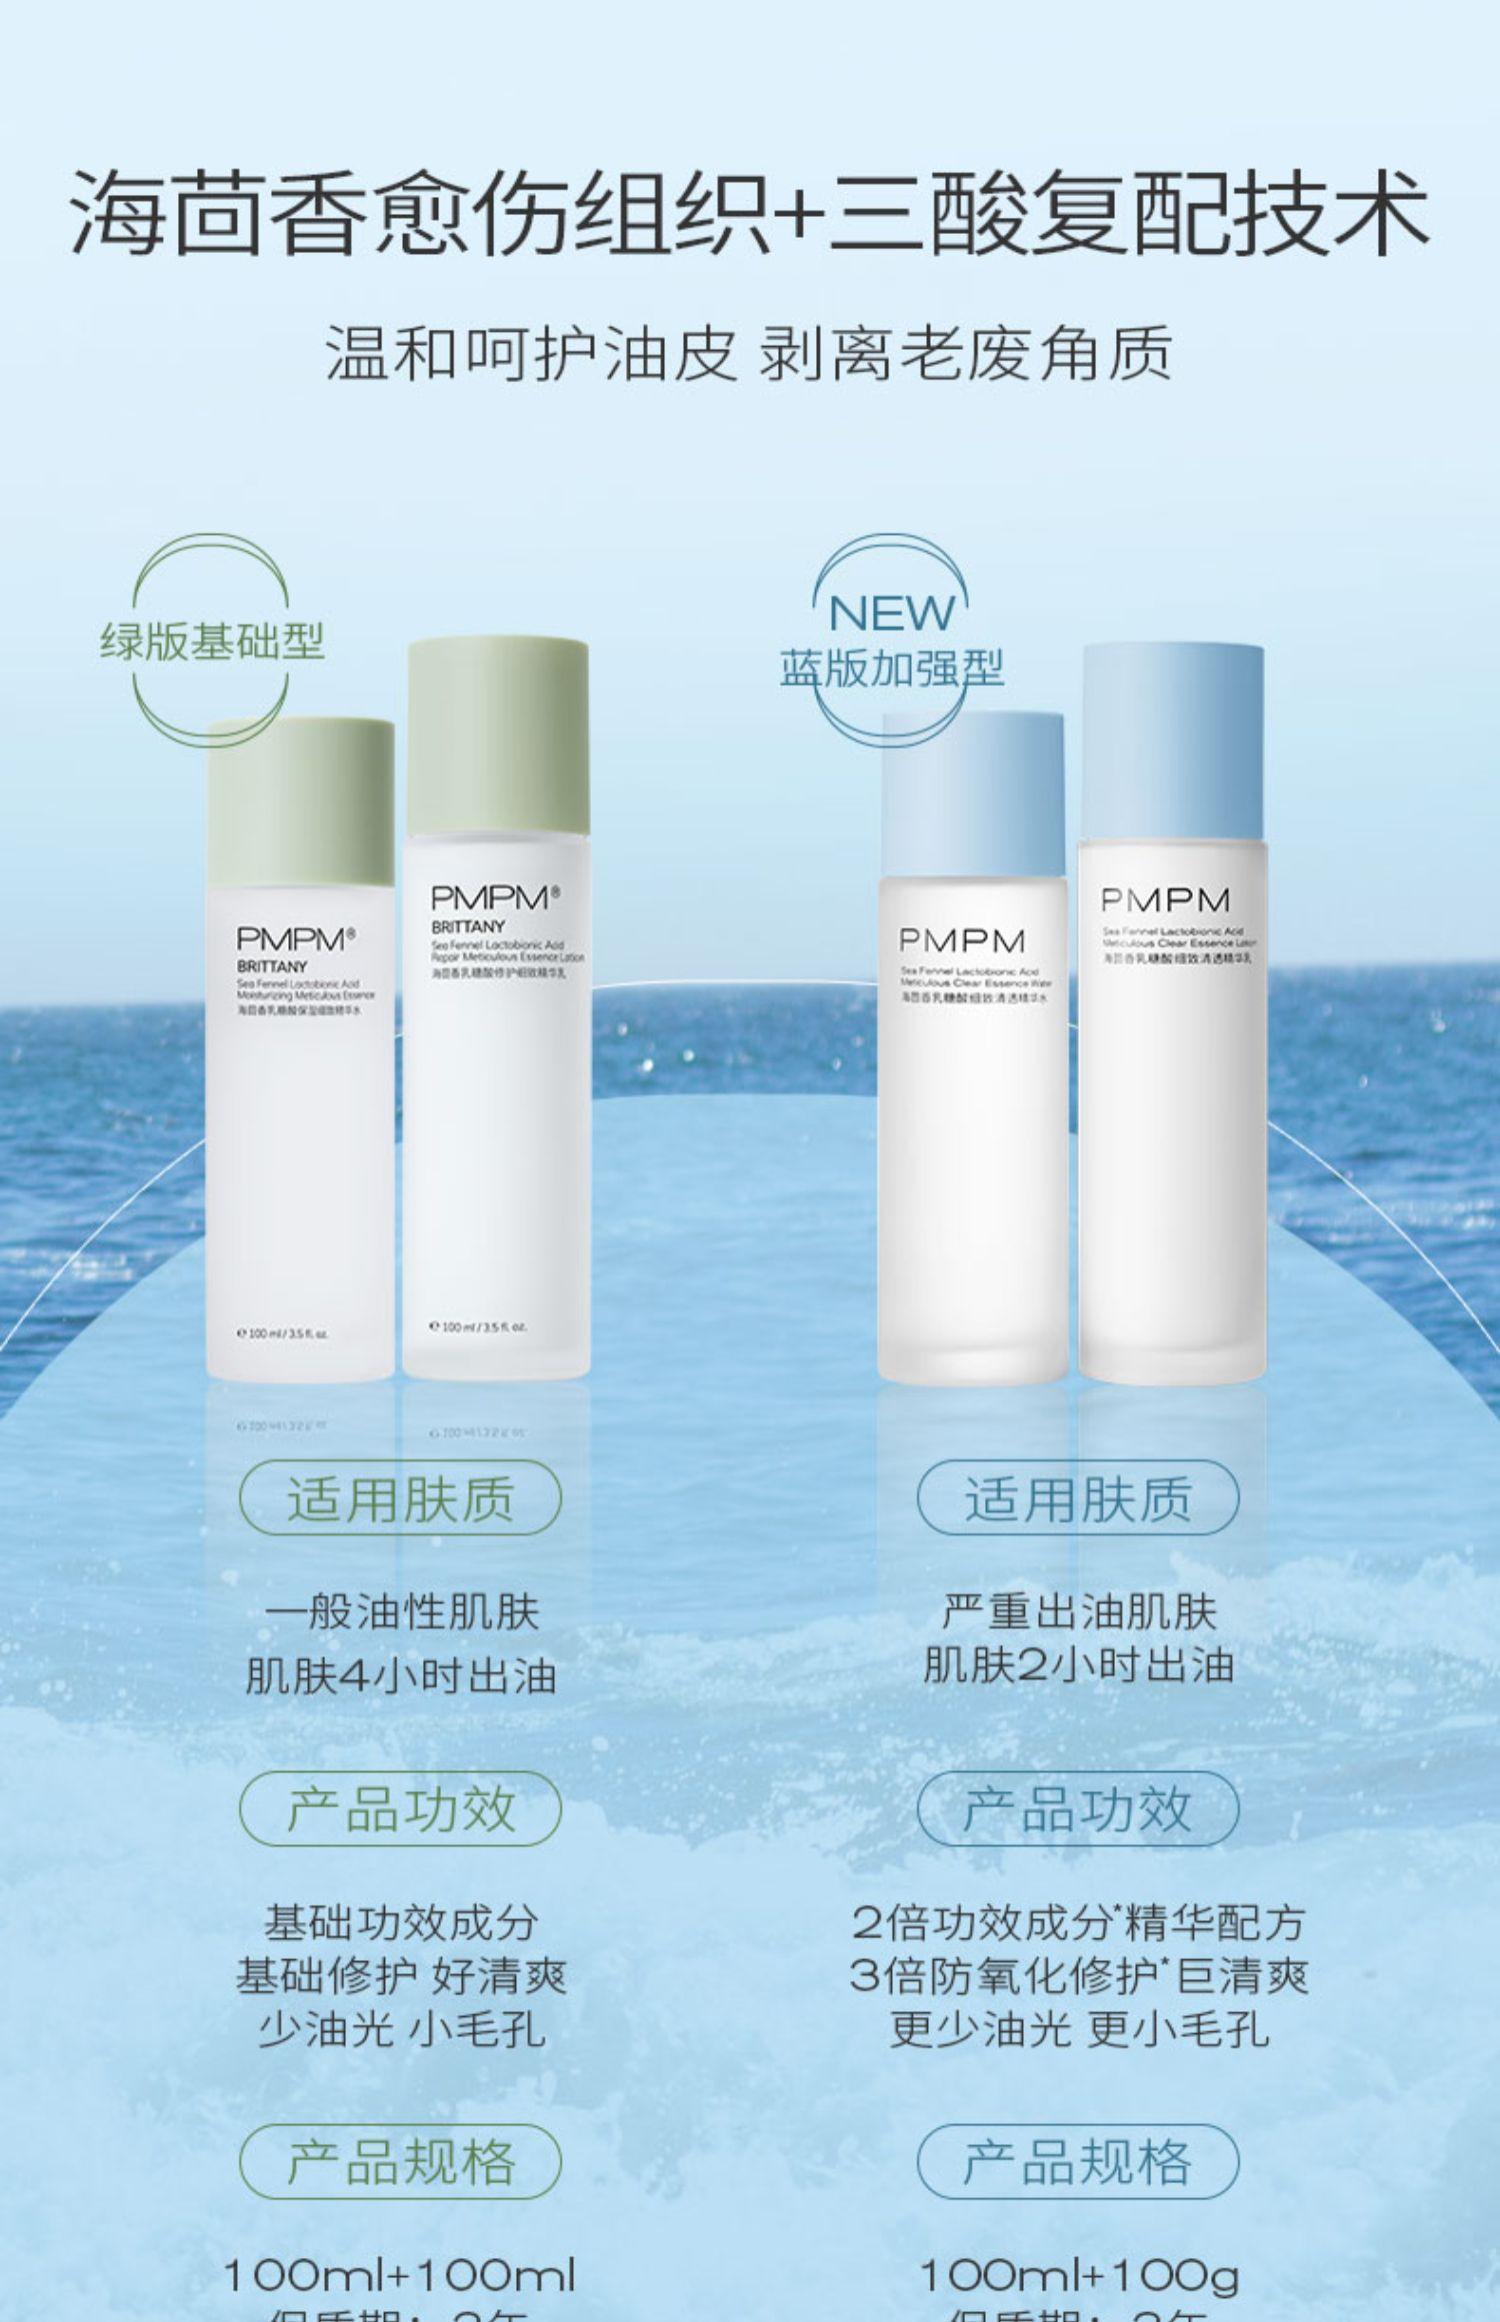 PMPM海茴香乳糖酸修护水乳套装6